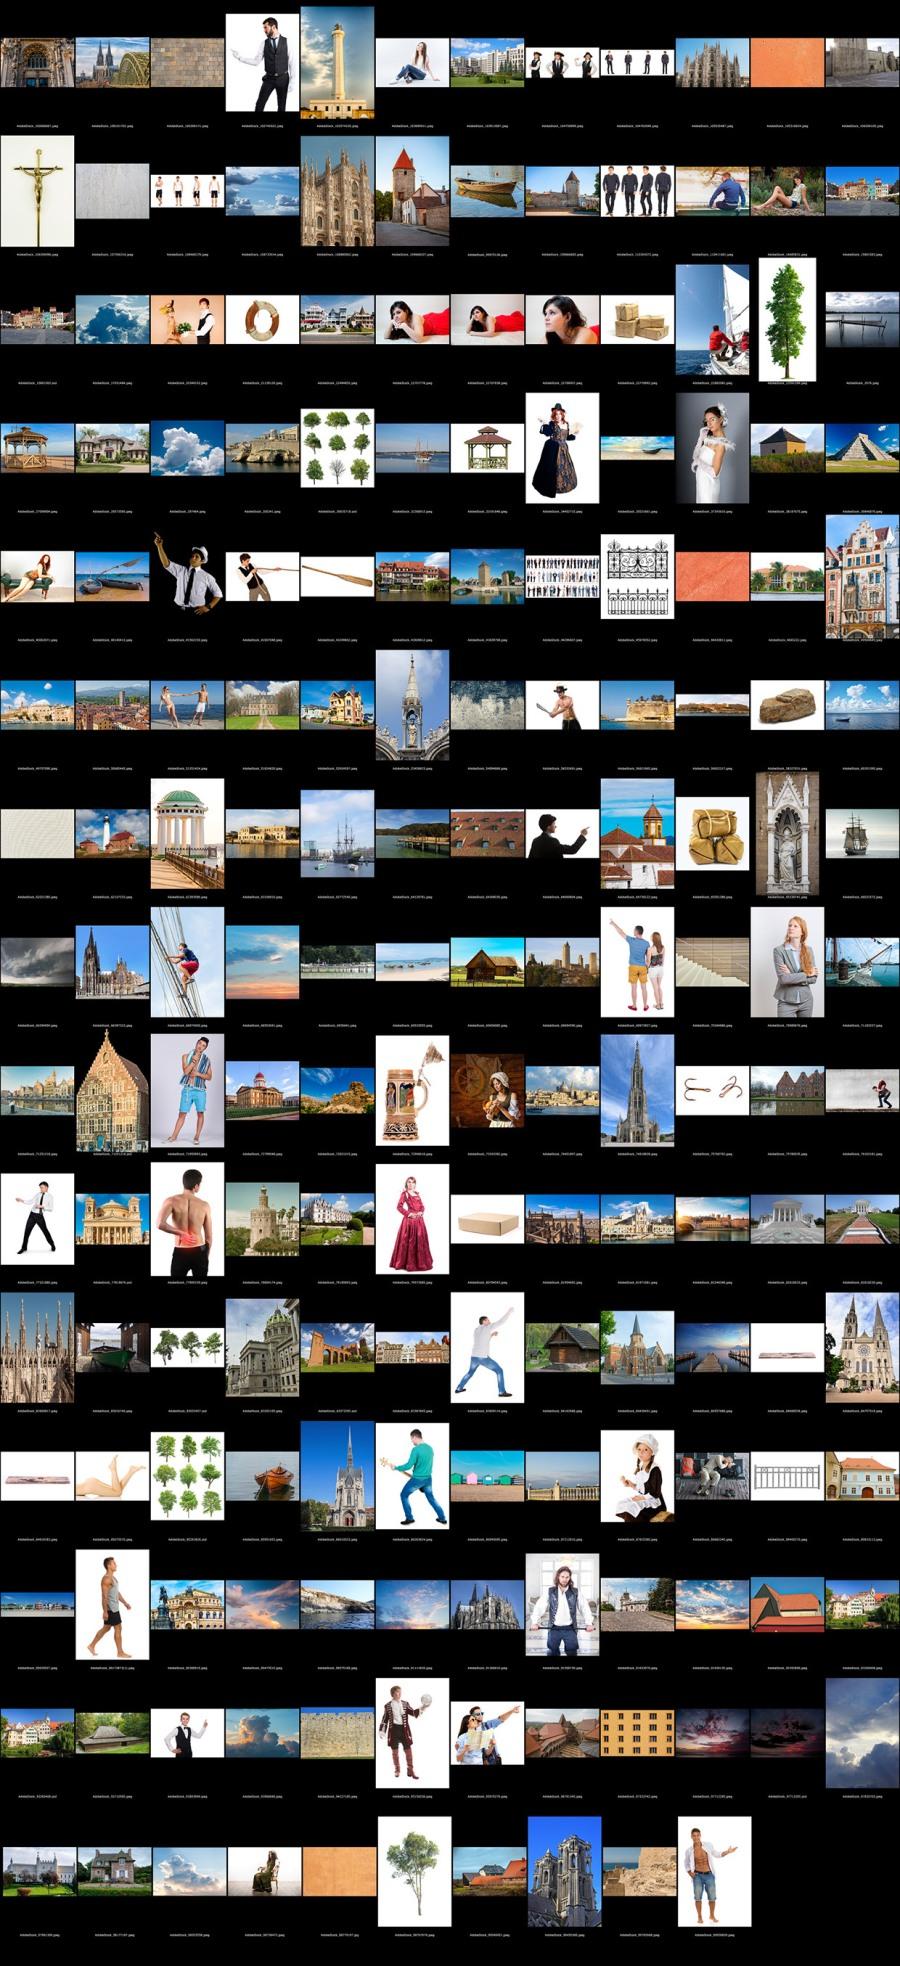 Zdjęcia użyte w celu odtworzenia obrazu.